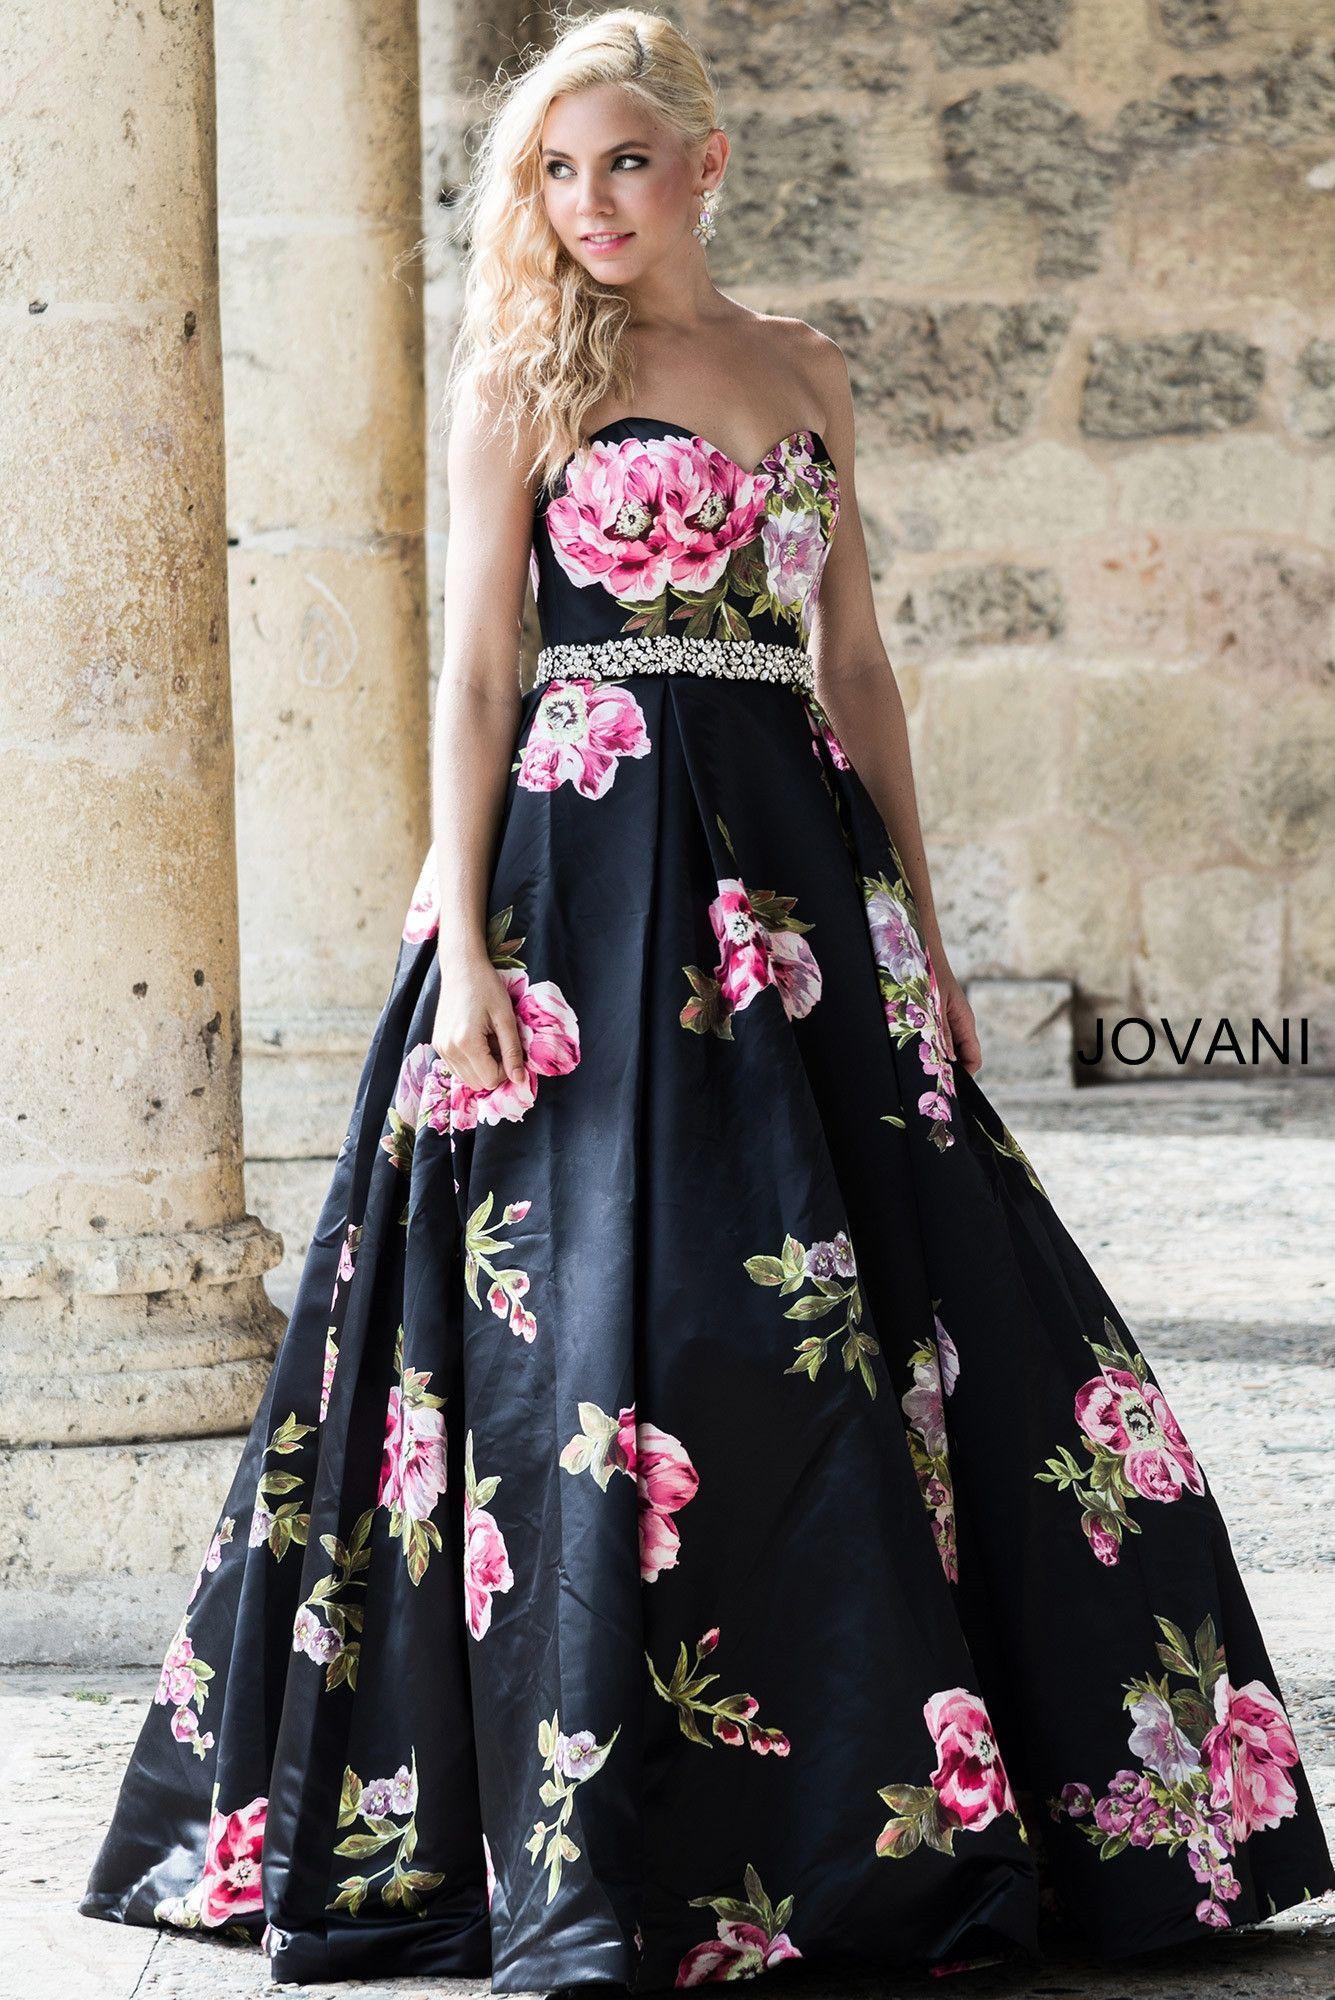 Ungewöhnlich Jovani Spitze Prom Kleid Bilder - Brautkleider Ideen ...